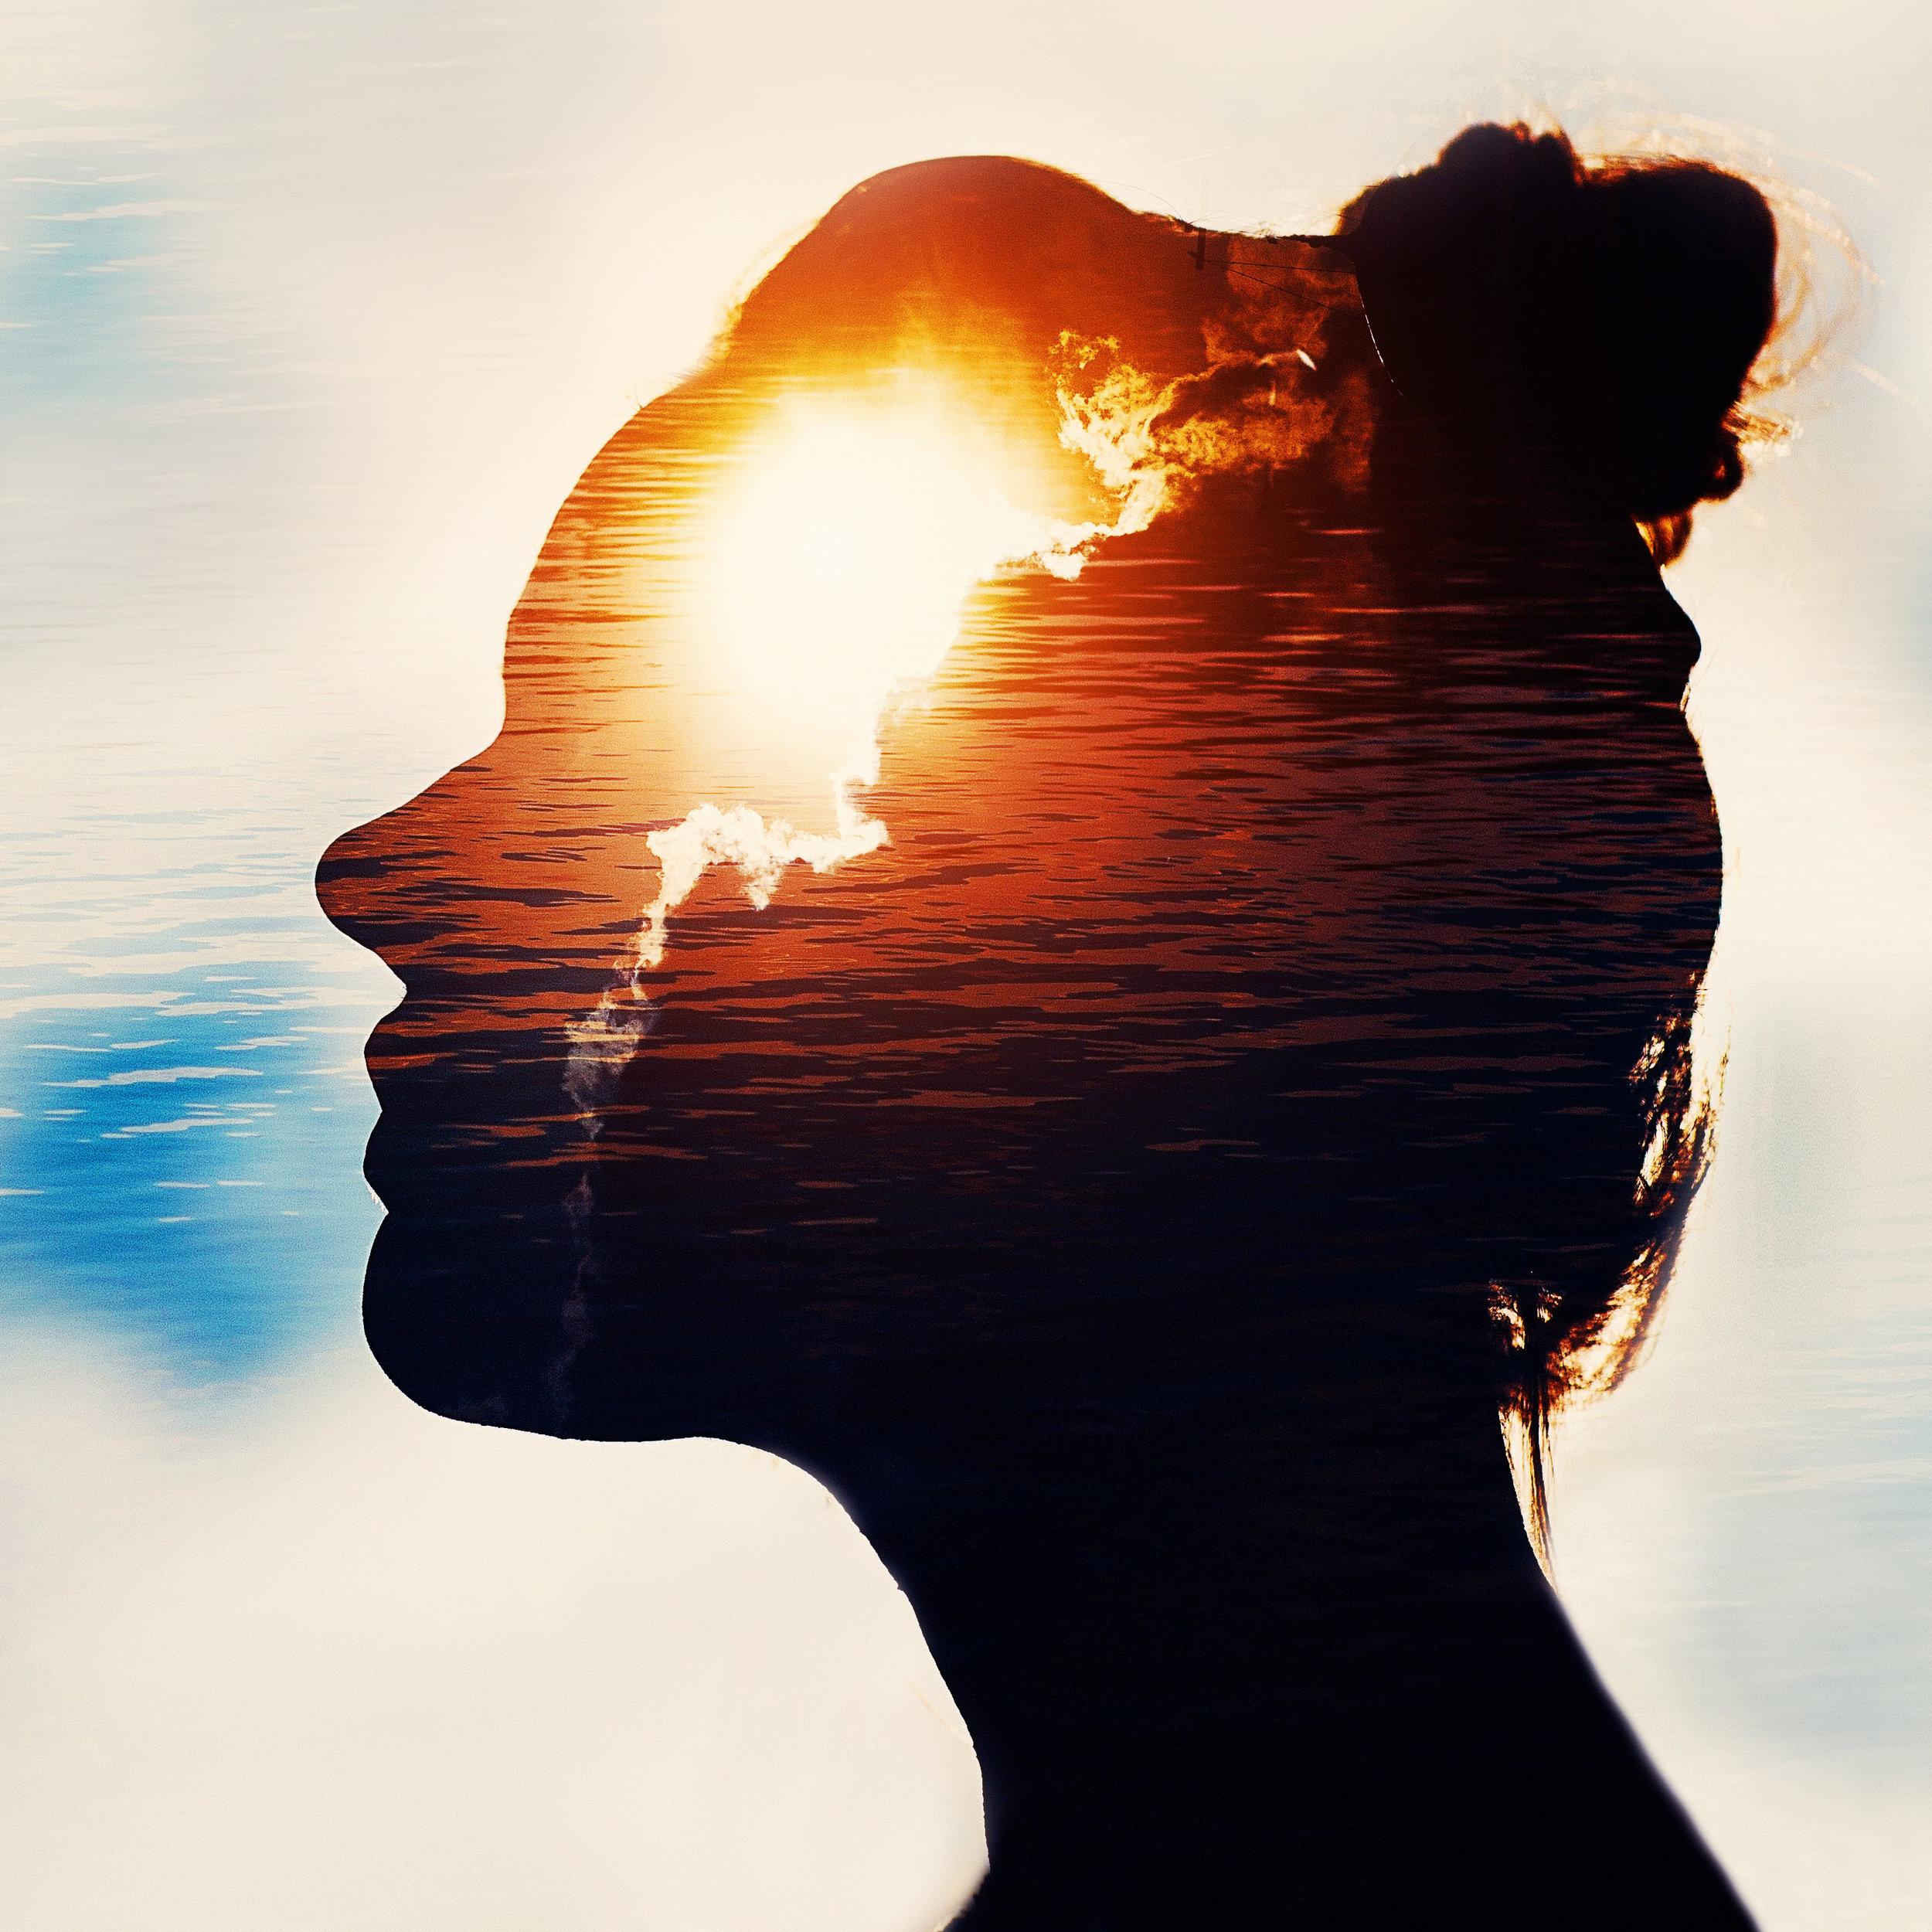 Trouve ta liberté! - Te sens-tu bloqué? Confus? Déraciné?Connecte-toi avec toi-même pour explorer et exprimer ta vérité, grâce à des séances individuelles avec le fondateur de Flowland, Solomon Krueger. Au moyen d'une approche intuitive, bienveillante et ancrée dans le corps, ces séances te guident vers tes propres révélations et vers une vie inspirée.